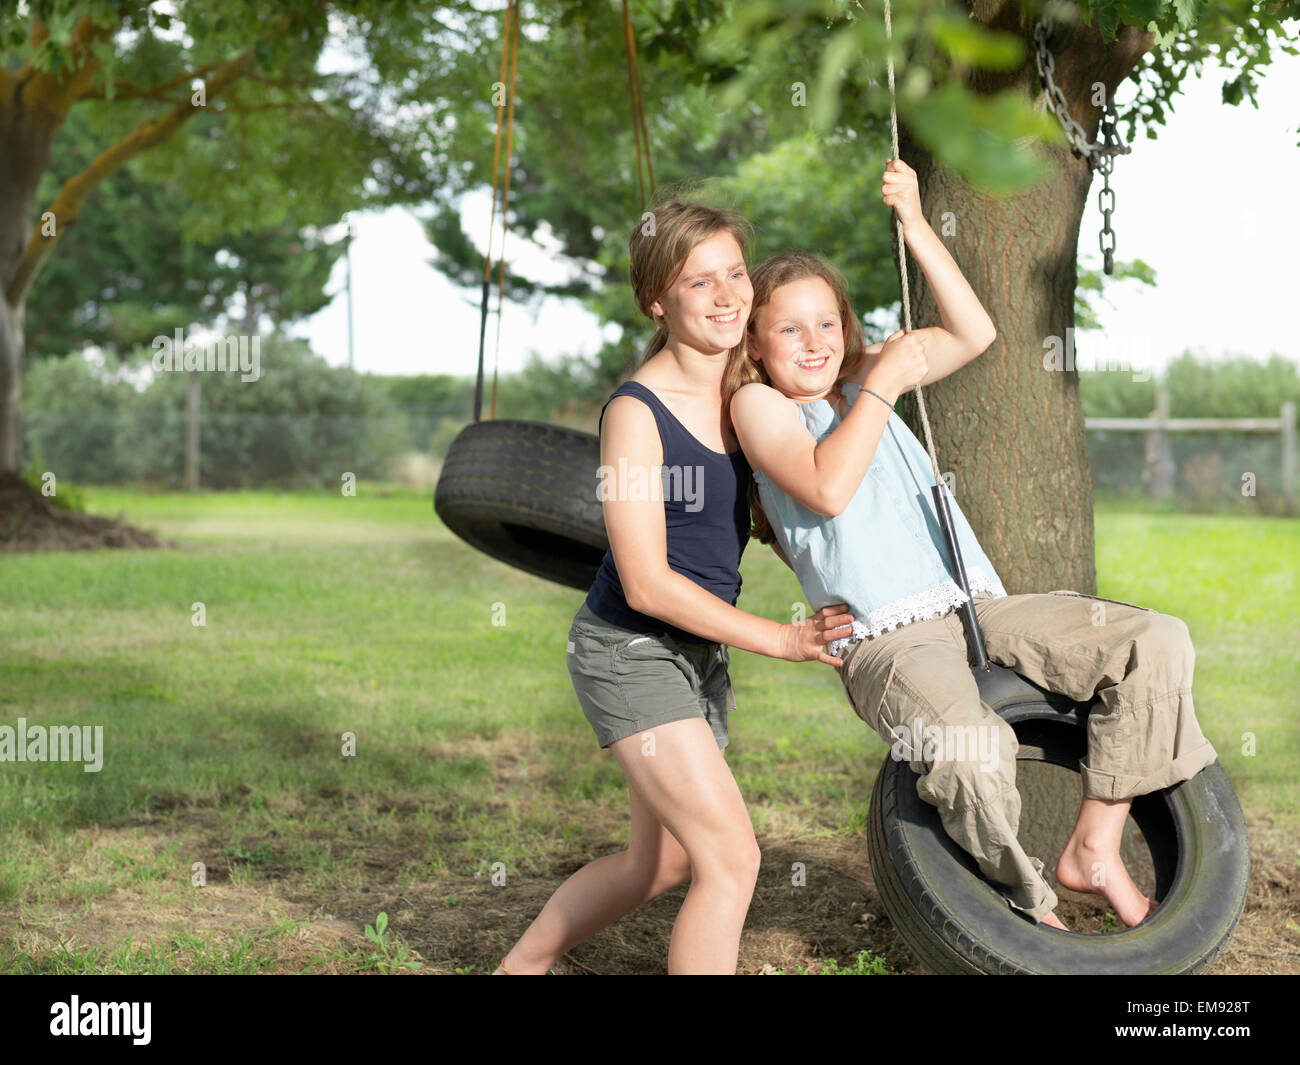 En poussant sa sœur adolescente sur balançoire pneu Banque D'Images